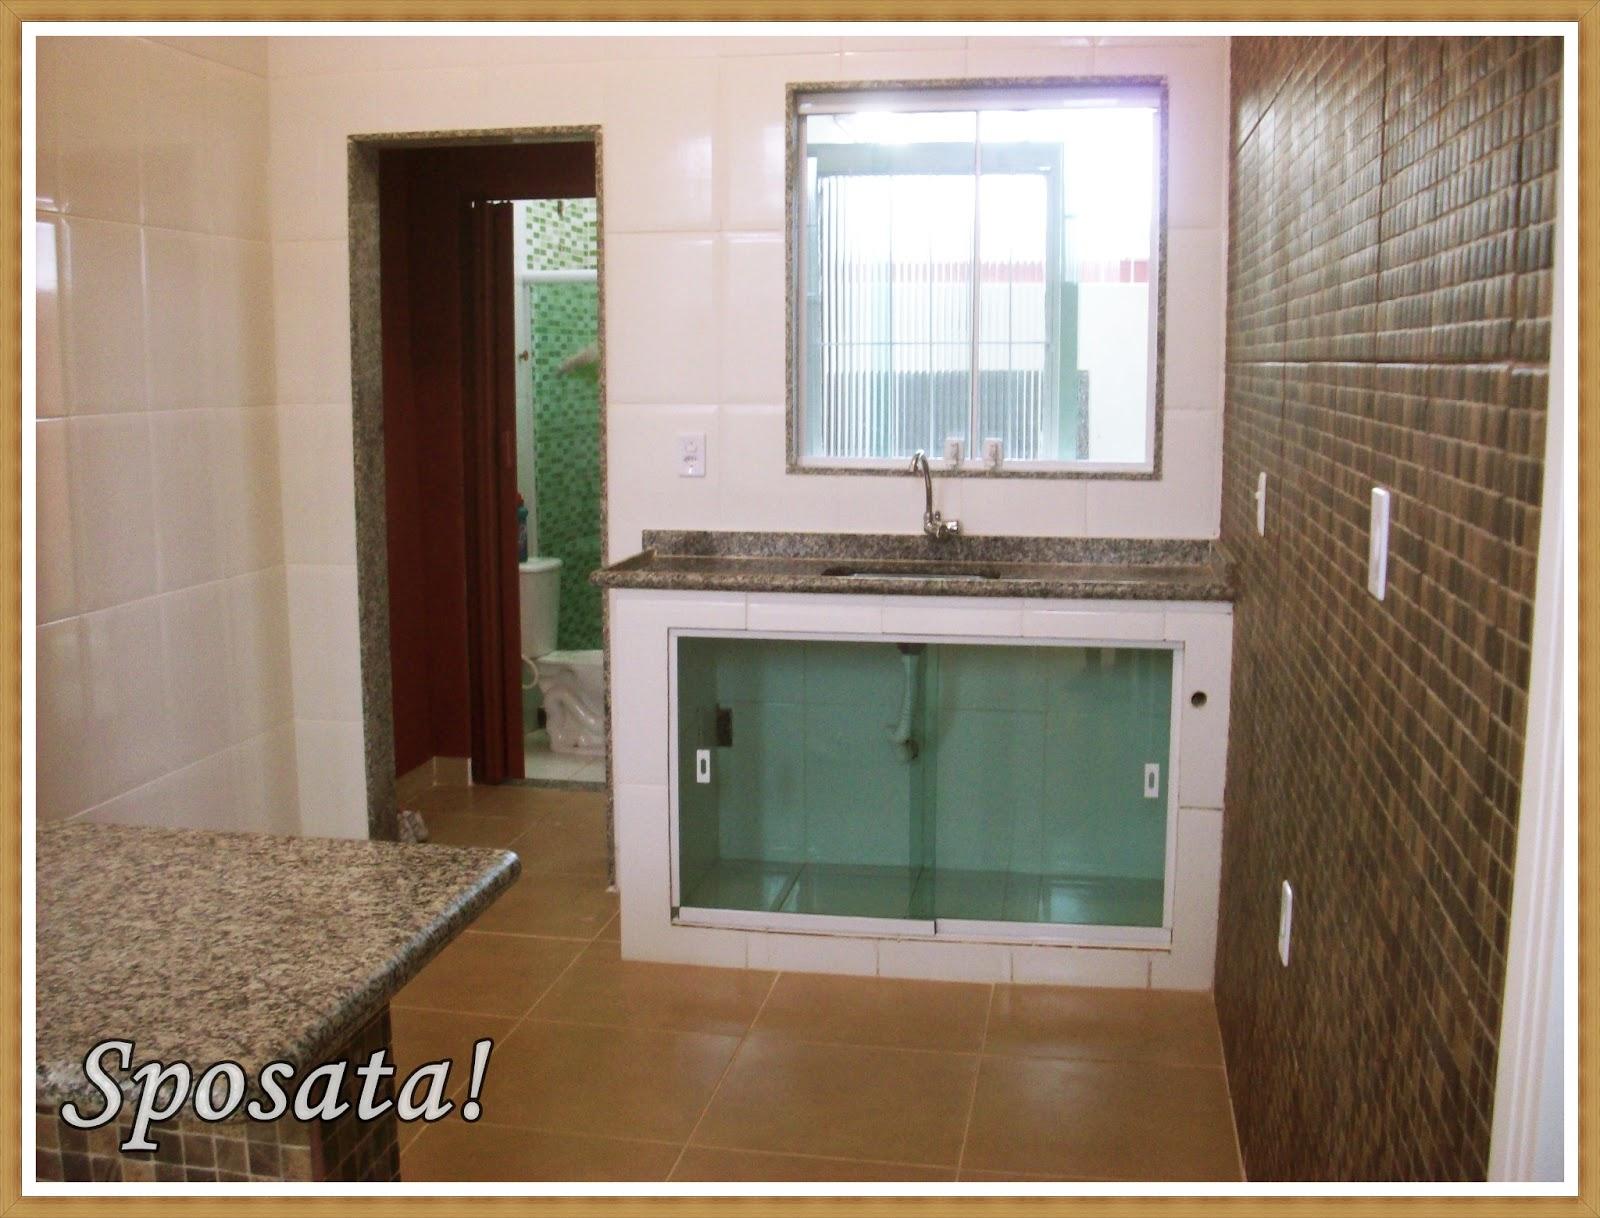 #926E39  lar A reforma da minha casa (Parte 2): Cozinha e sala de jantar 42 Janelas De Vidro Cozinha